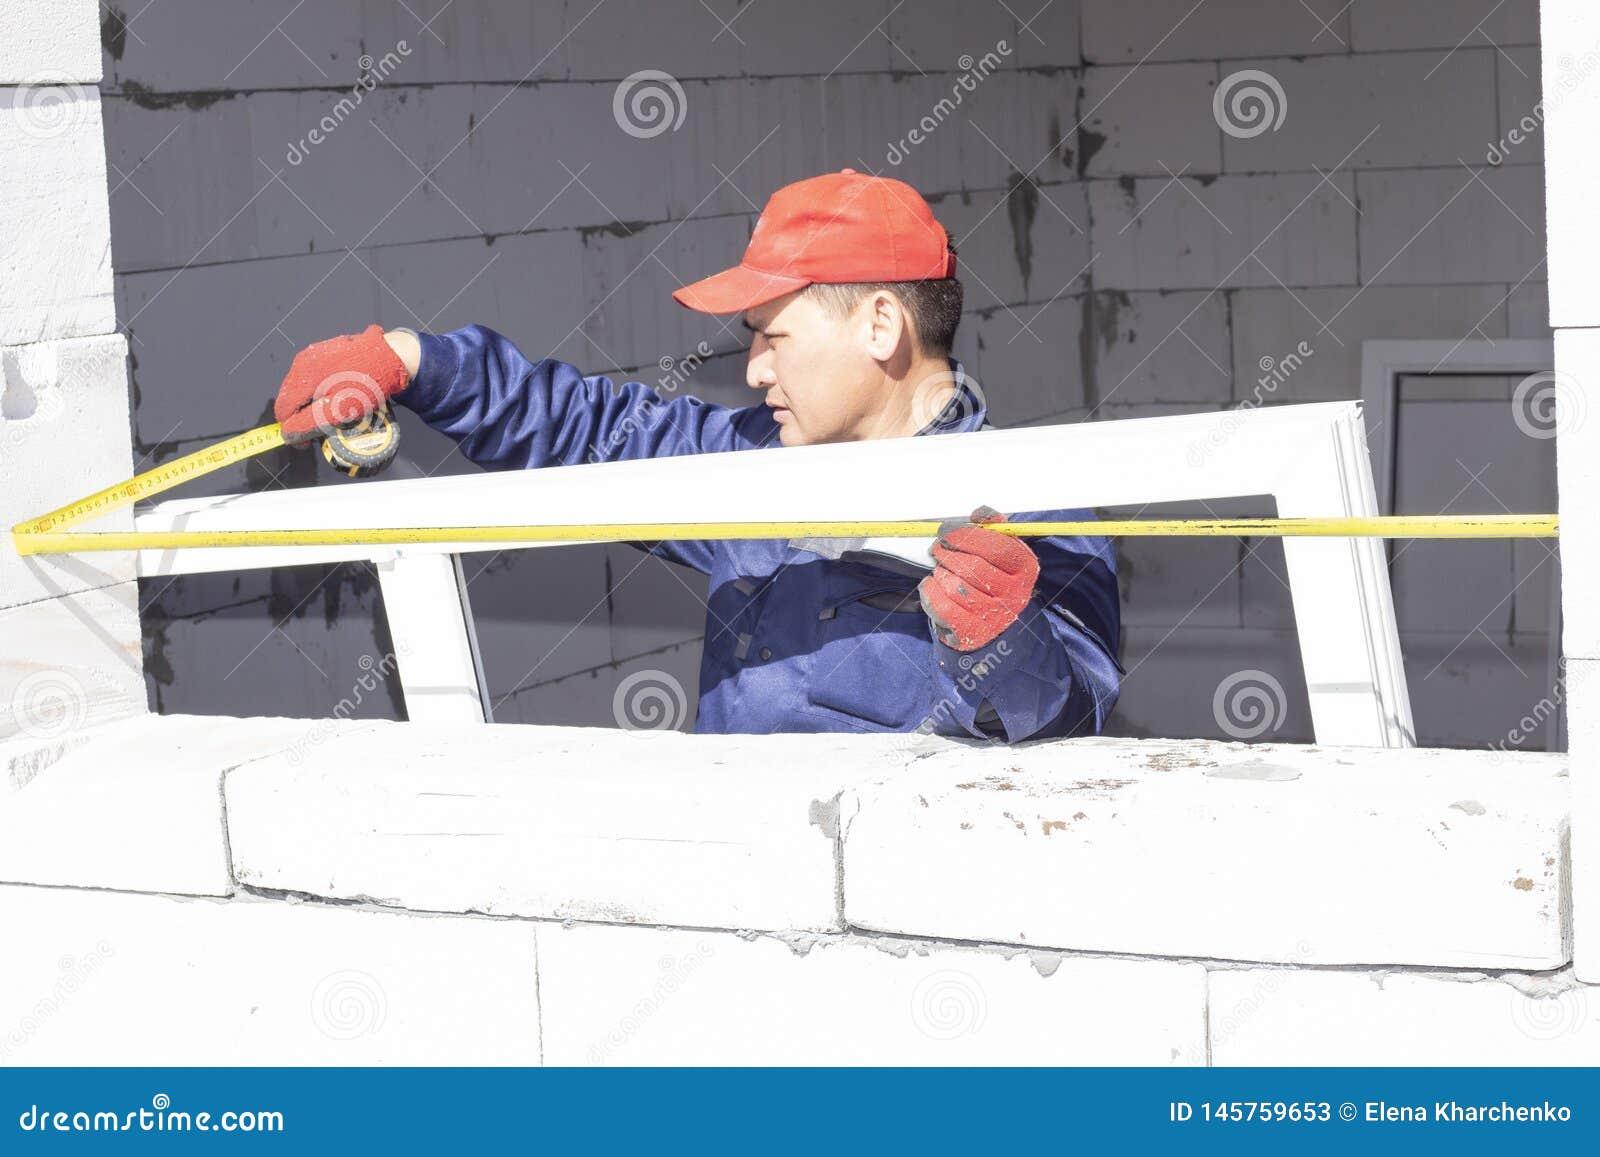 Arbetare installerar f?nsterrutor i ett hus under konstruktion